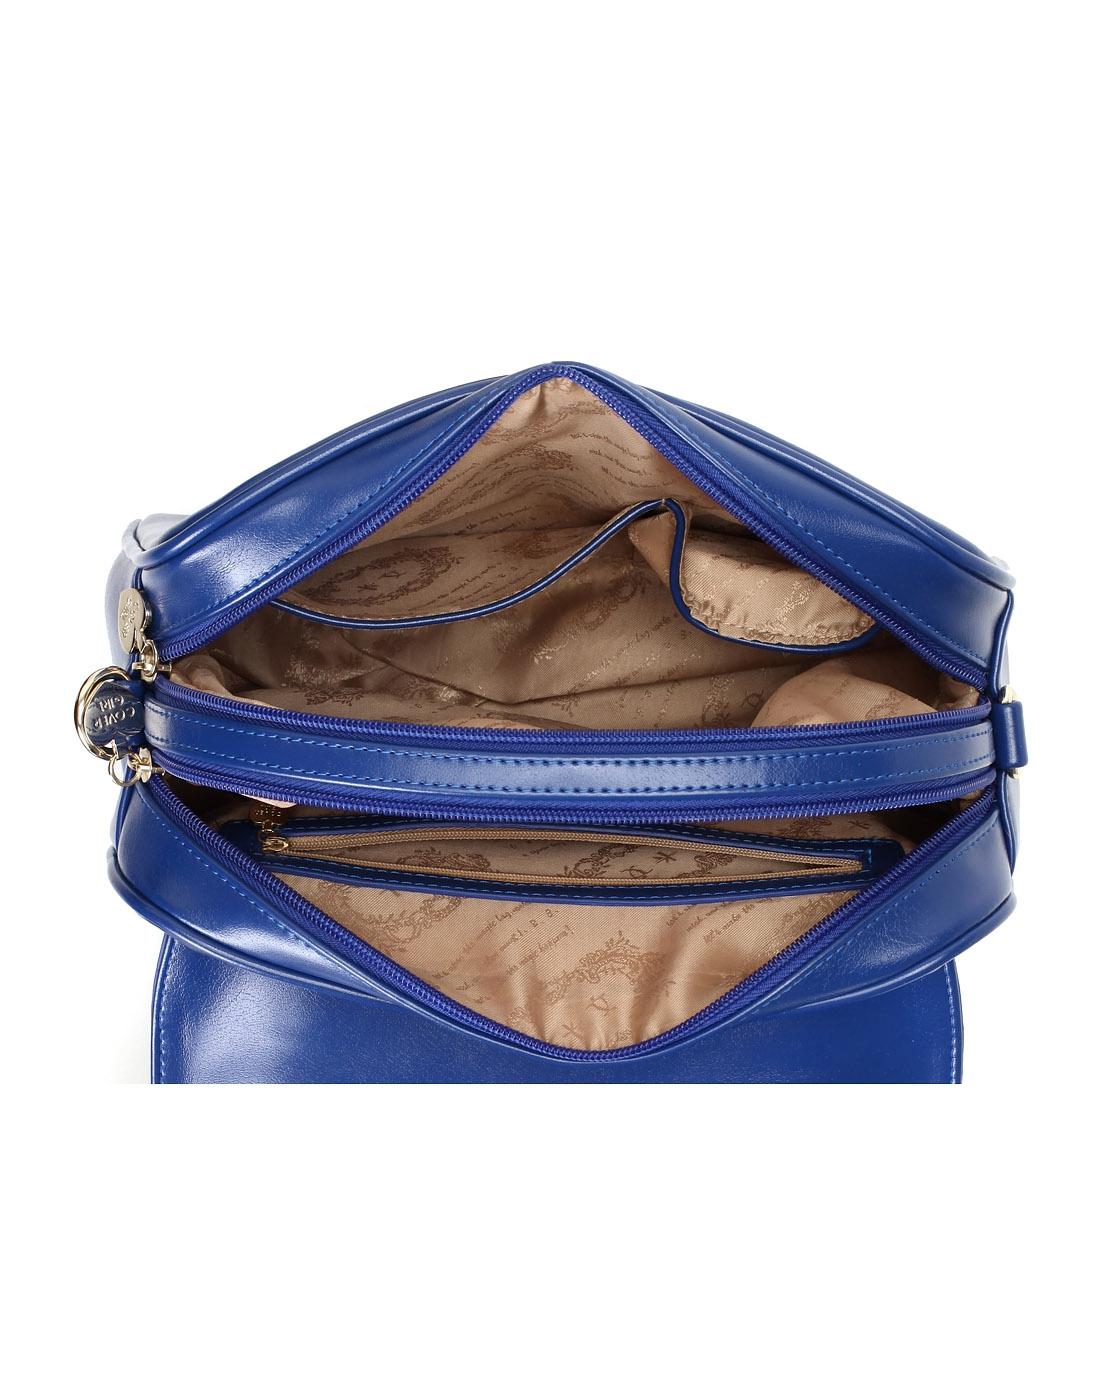 哈森harson集团品牌女鞋卡文cover2014新款蓝色人造